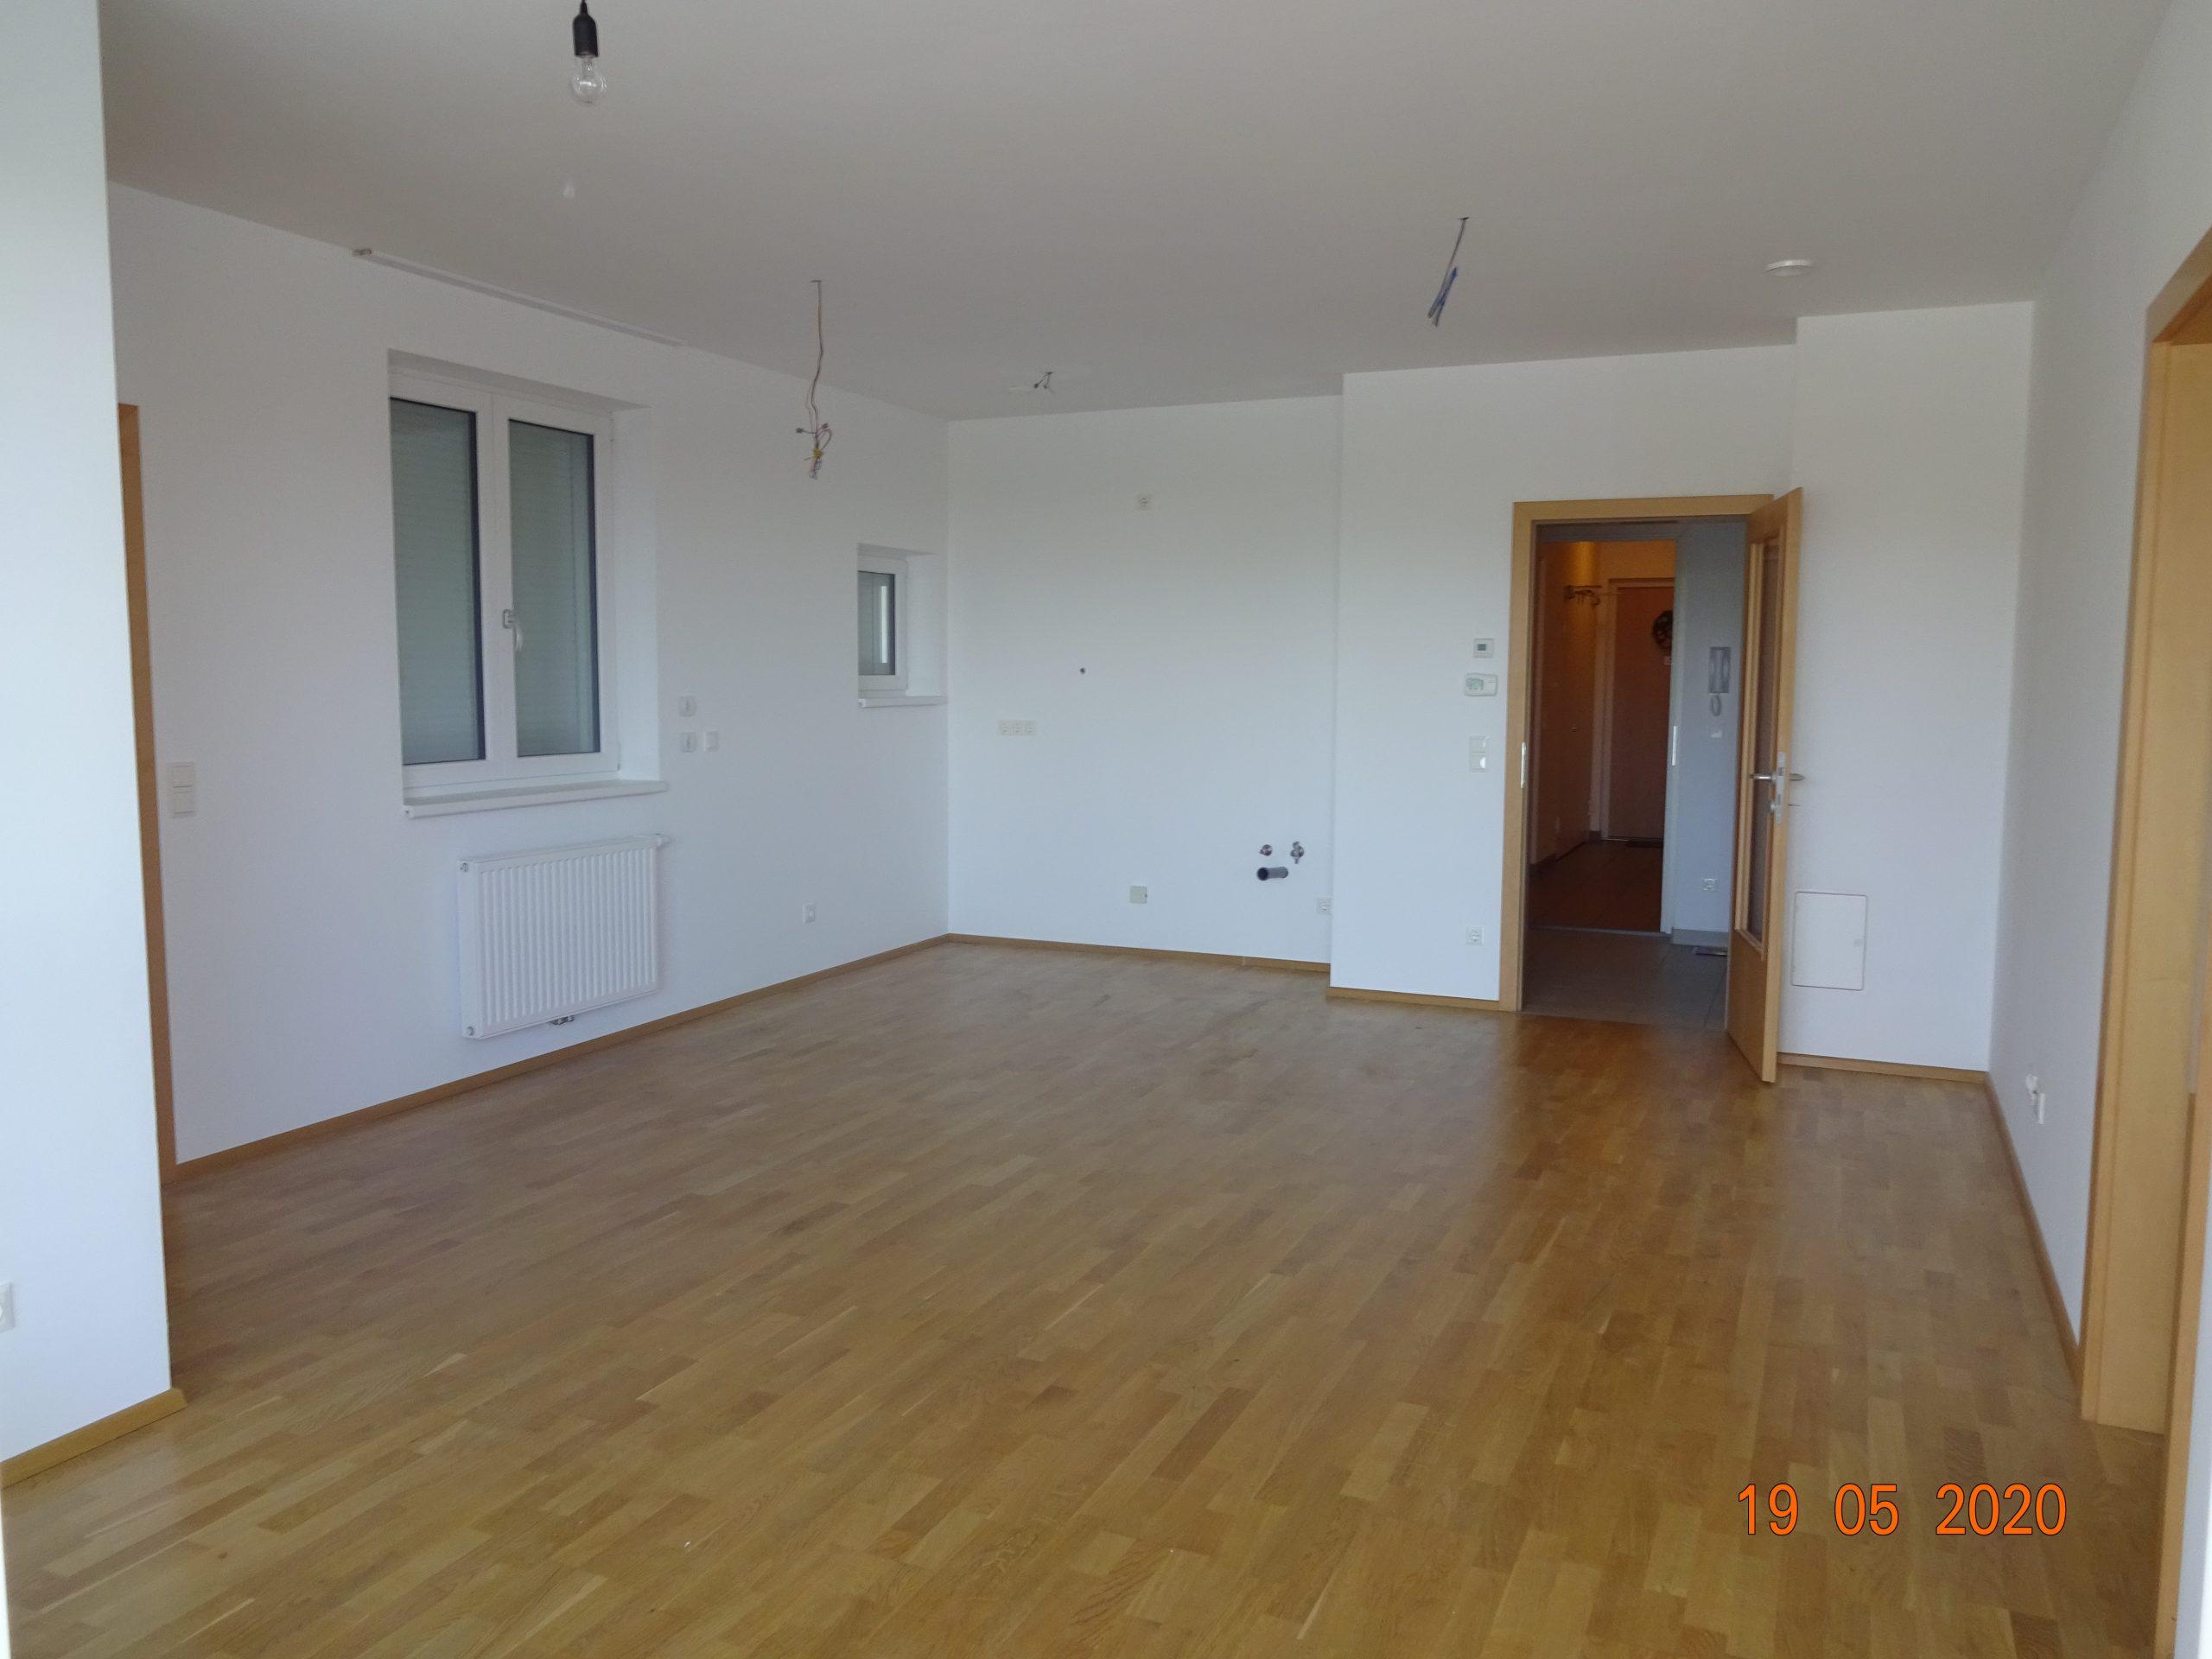 Immobilie von Kamptal in 3631 Ottenschlag, Zwettl, Ottenschlag I/2 - Top 106 #3